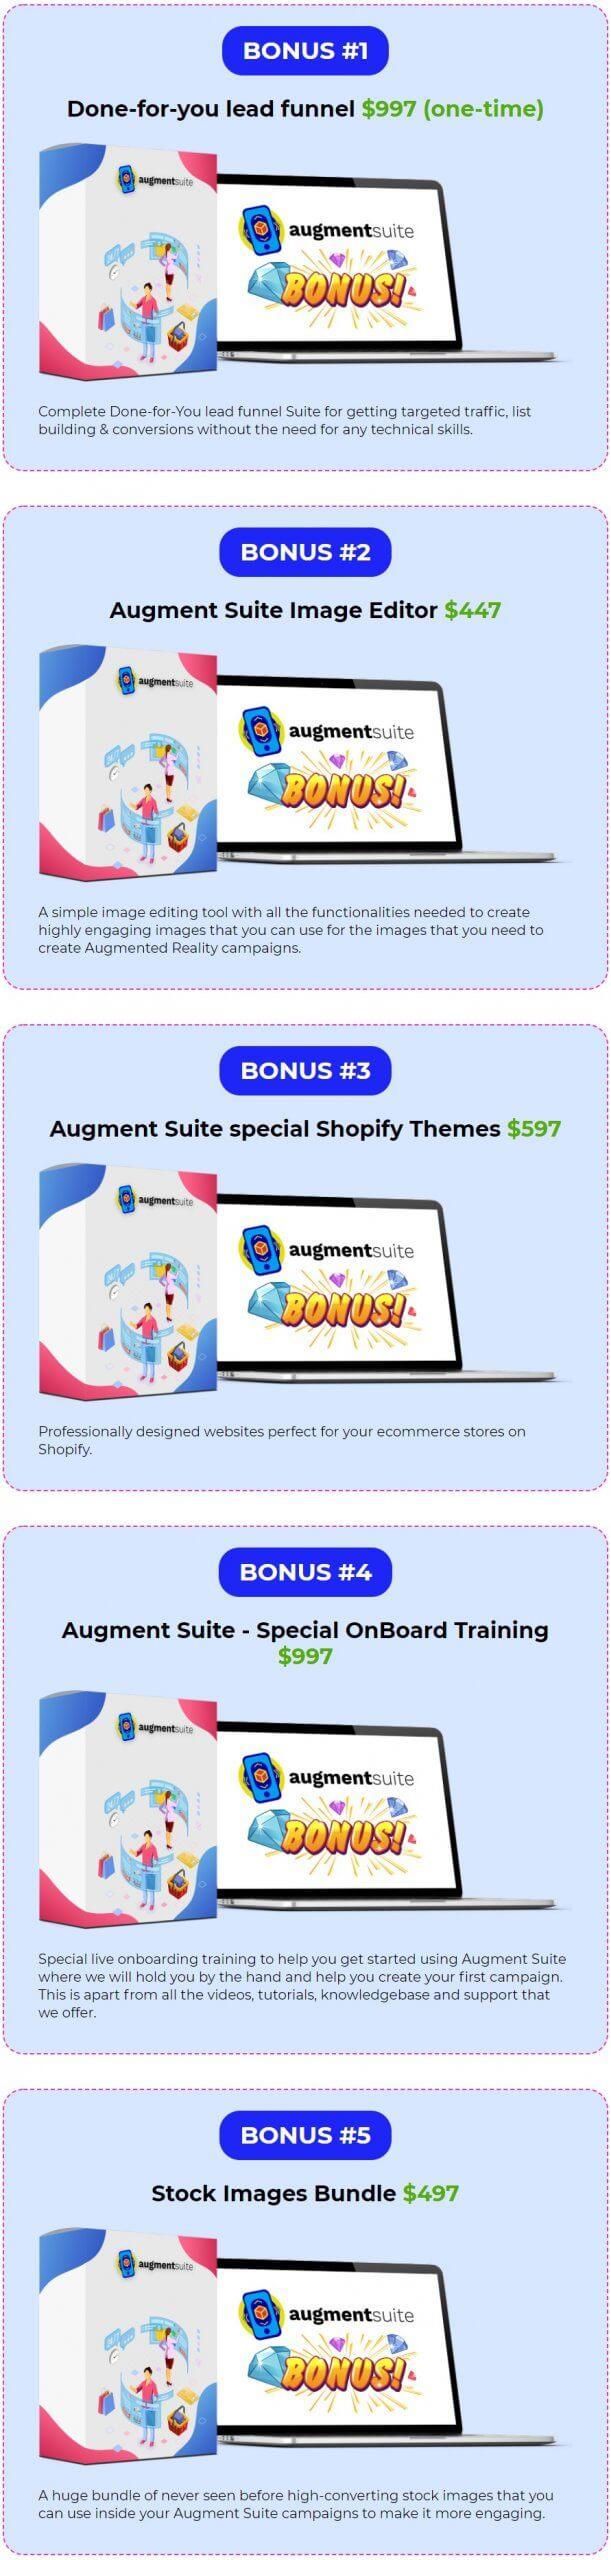 augment suite bonus